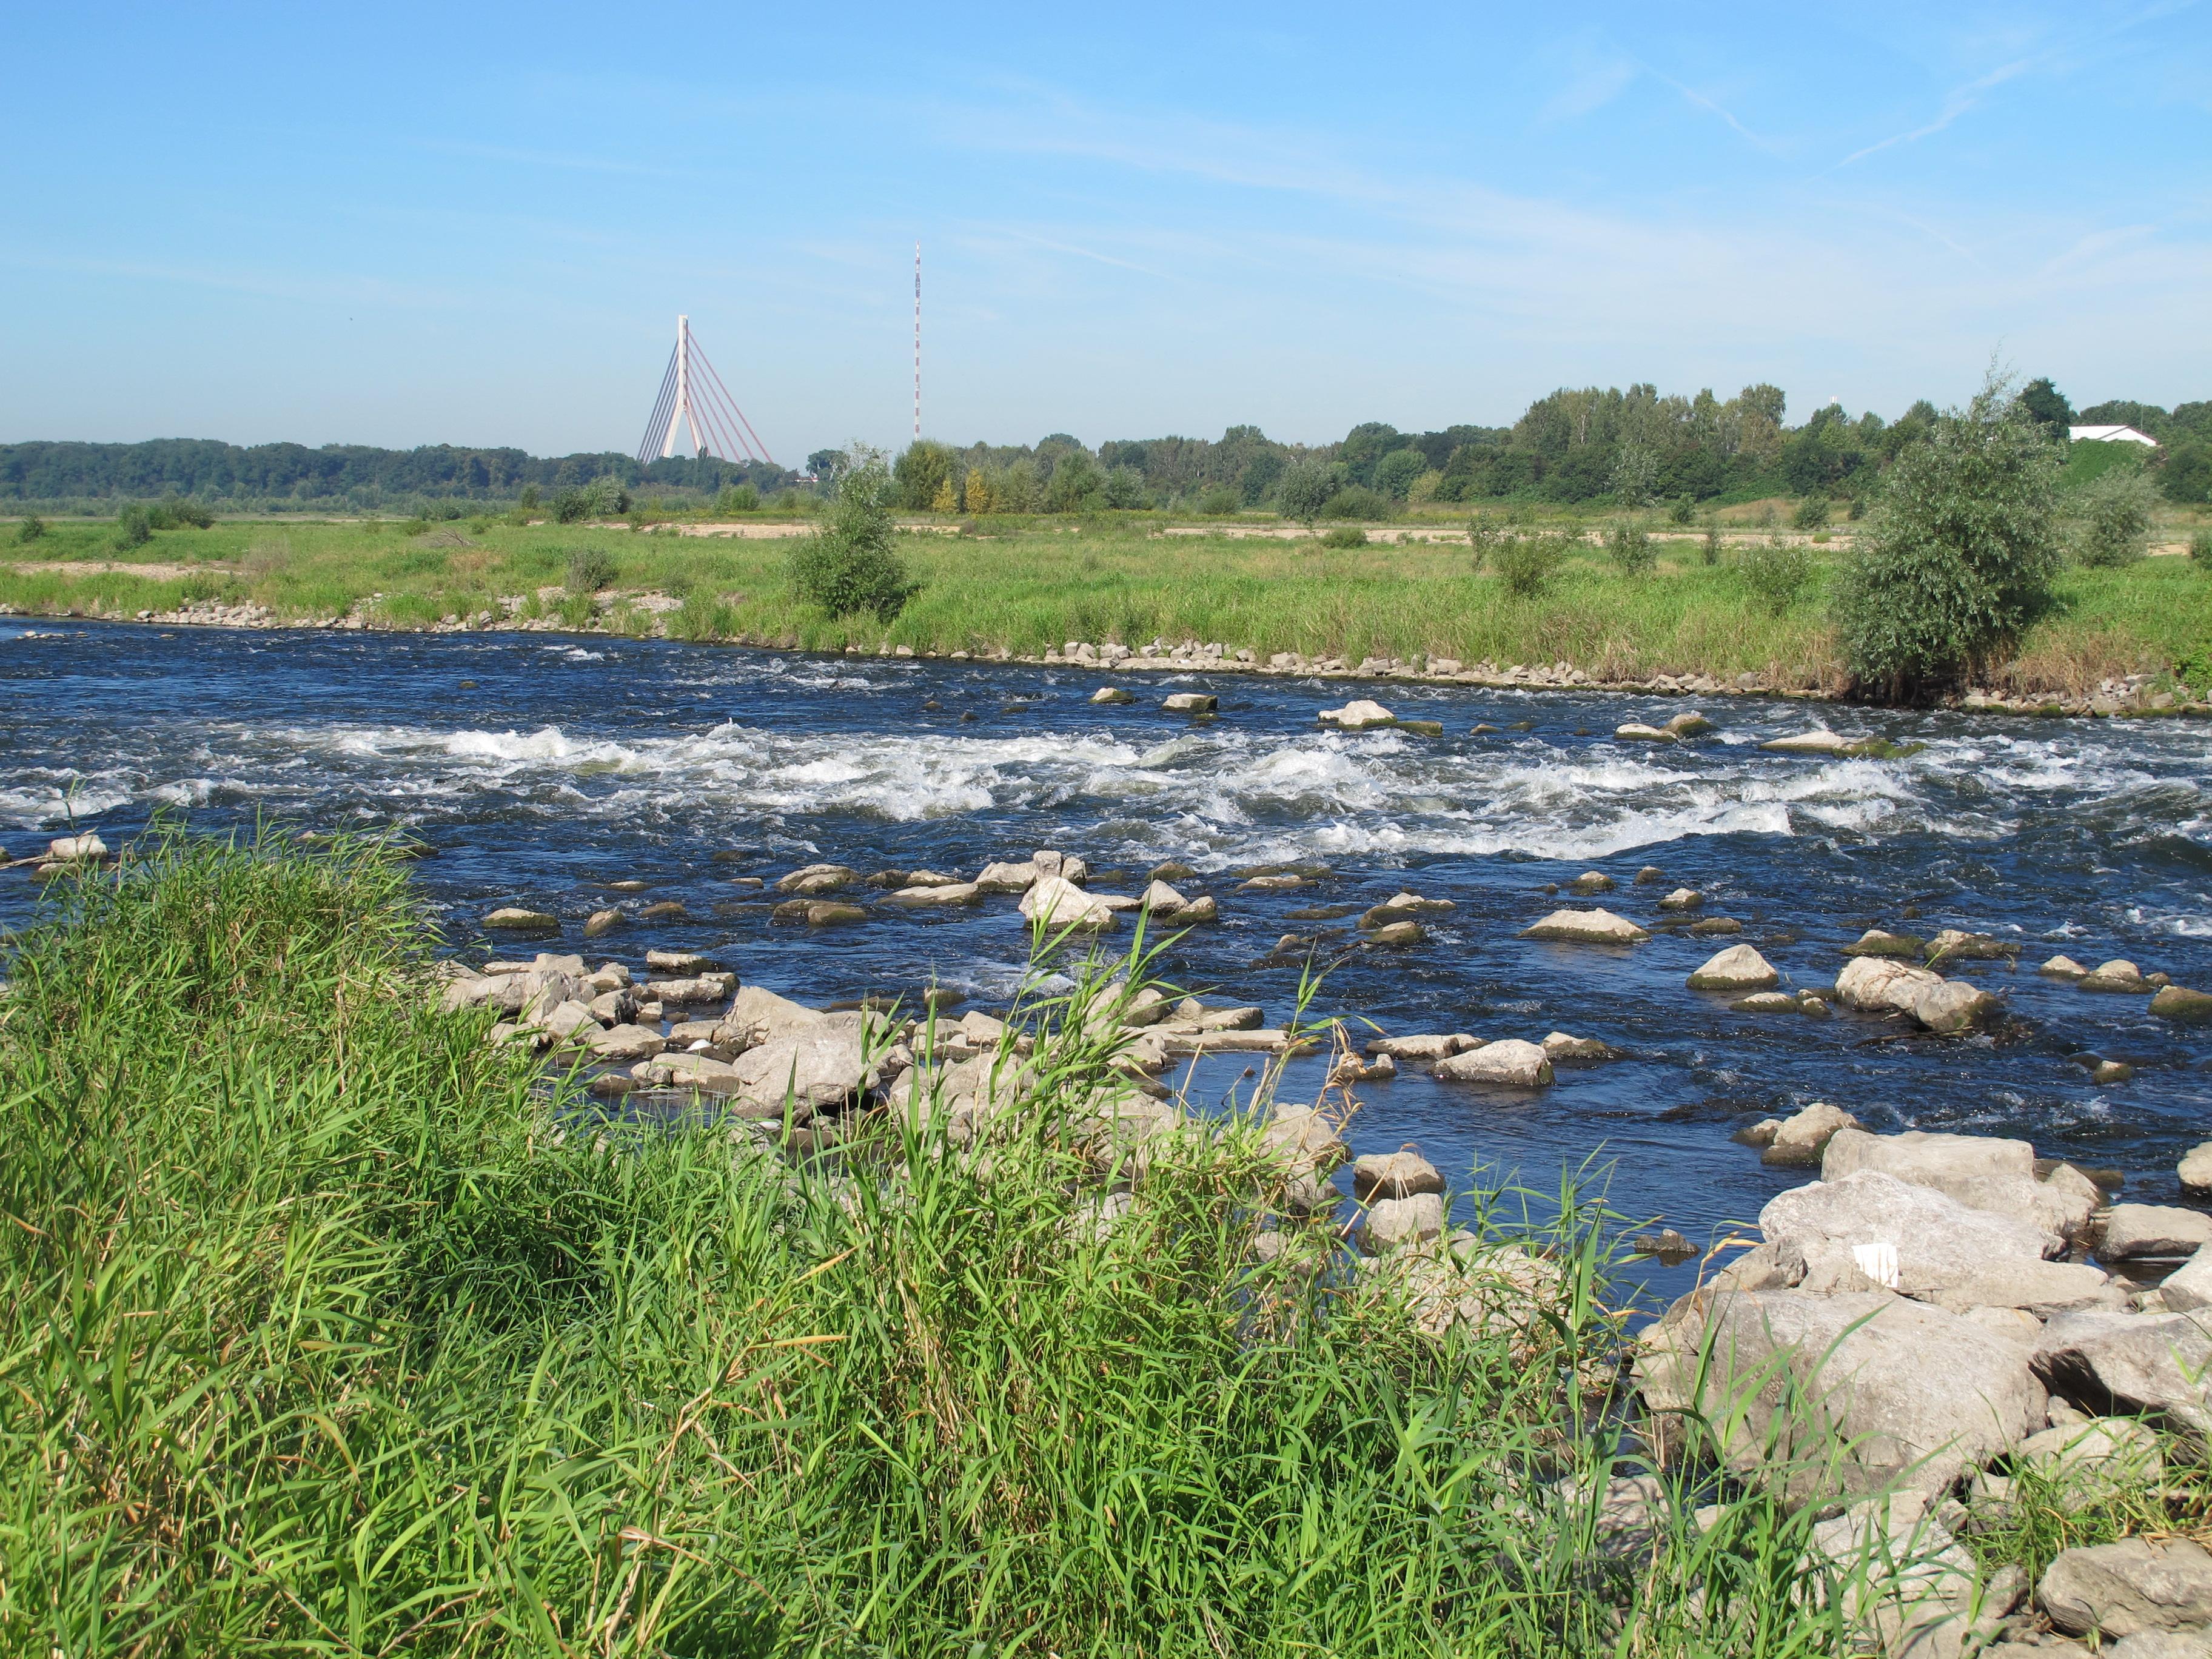 Direkt hinter der Bundesstraße 8 in Wesel fließt die Lippe über eine Stufe aus Wasserbausteinen. Die Umtragestelle links ist gut zu erkennen.